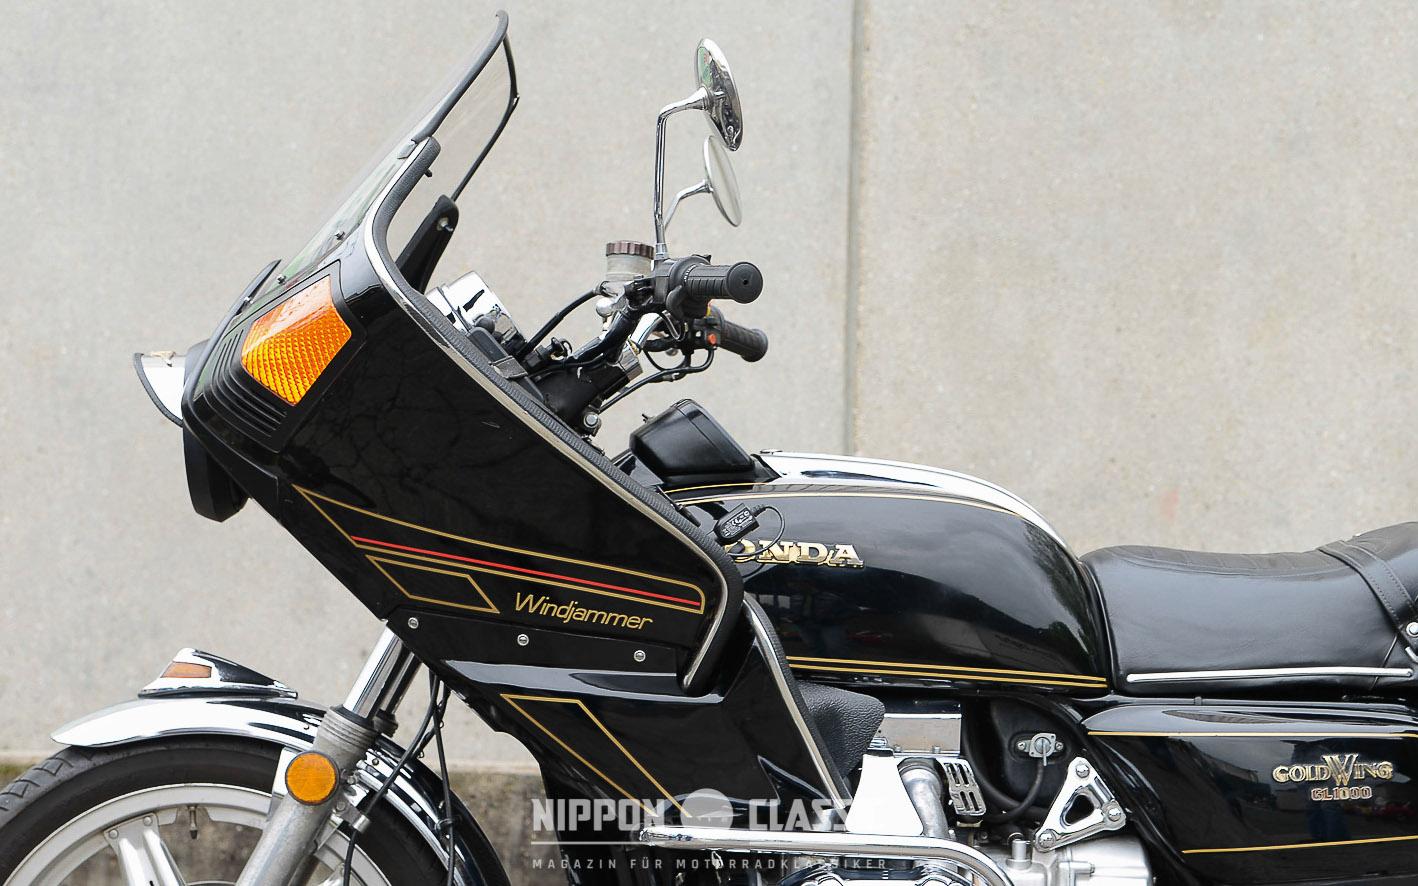 Universelle Windjammer-Verkleidung von Craig Vetter an einer Honda GL 1000